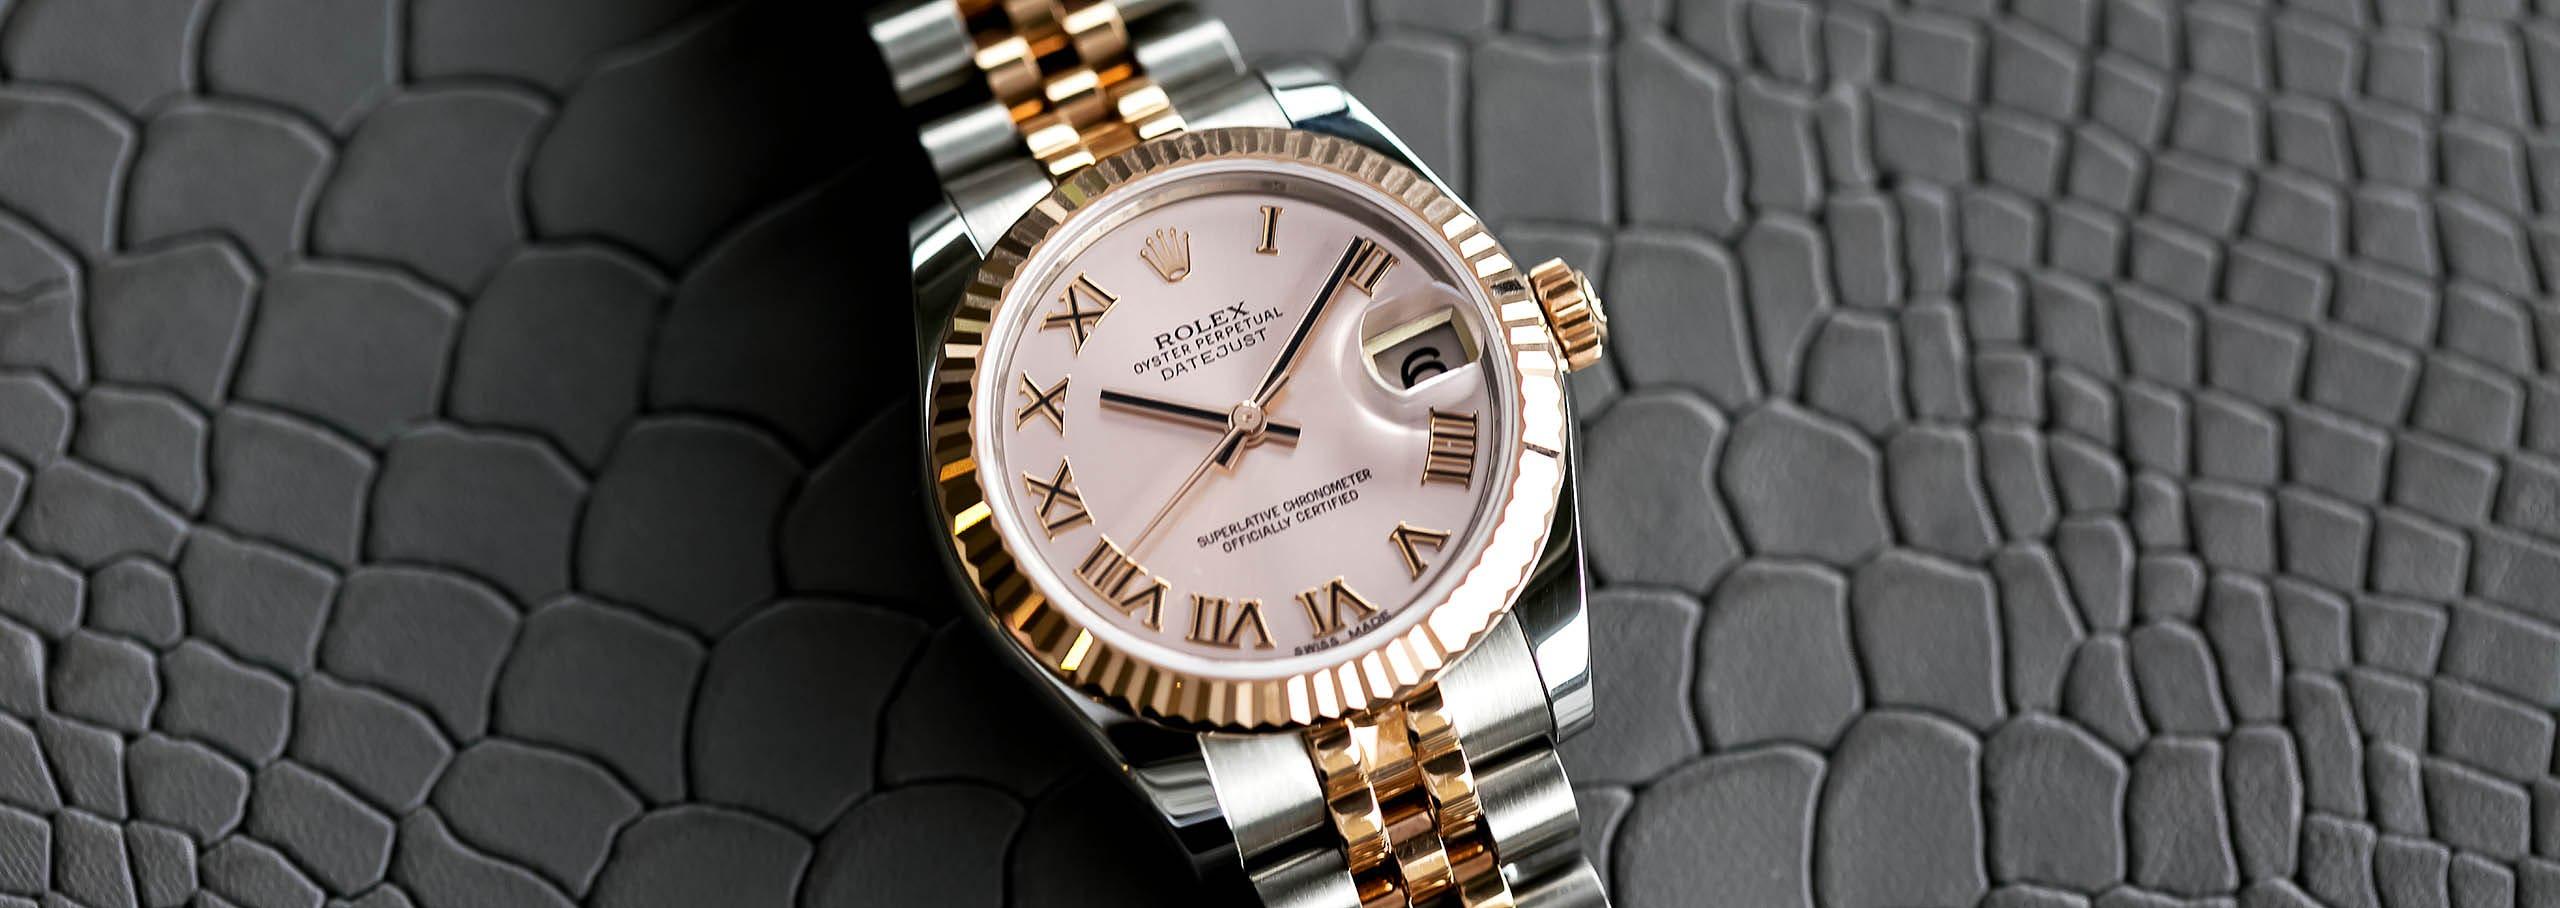 Women's Rolex Buying Guide